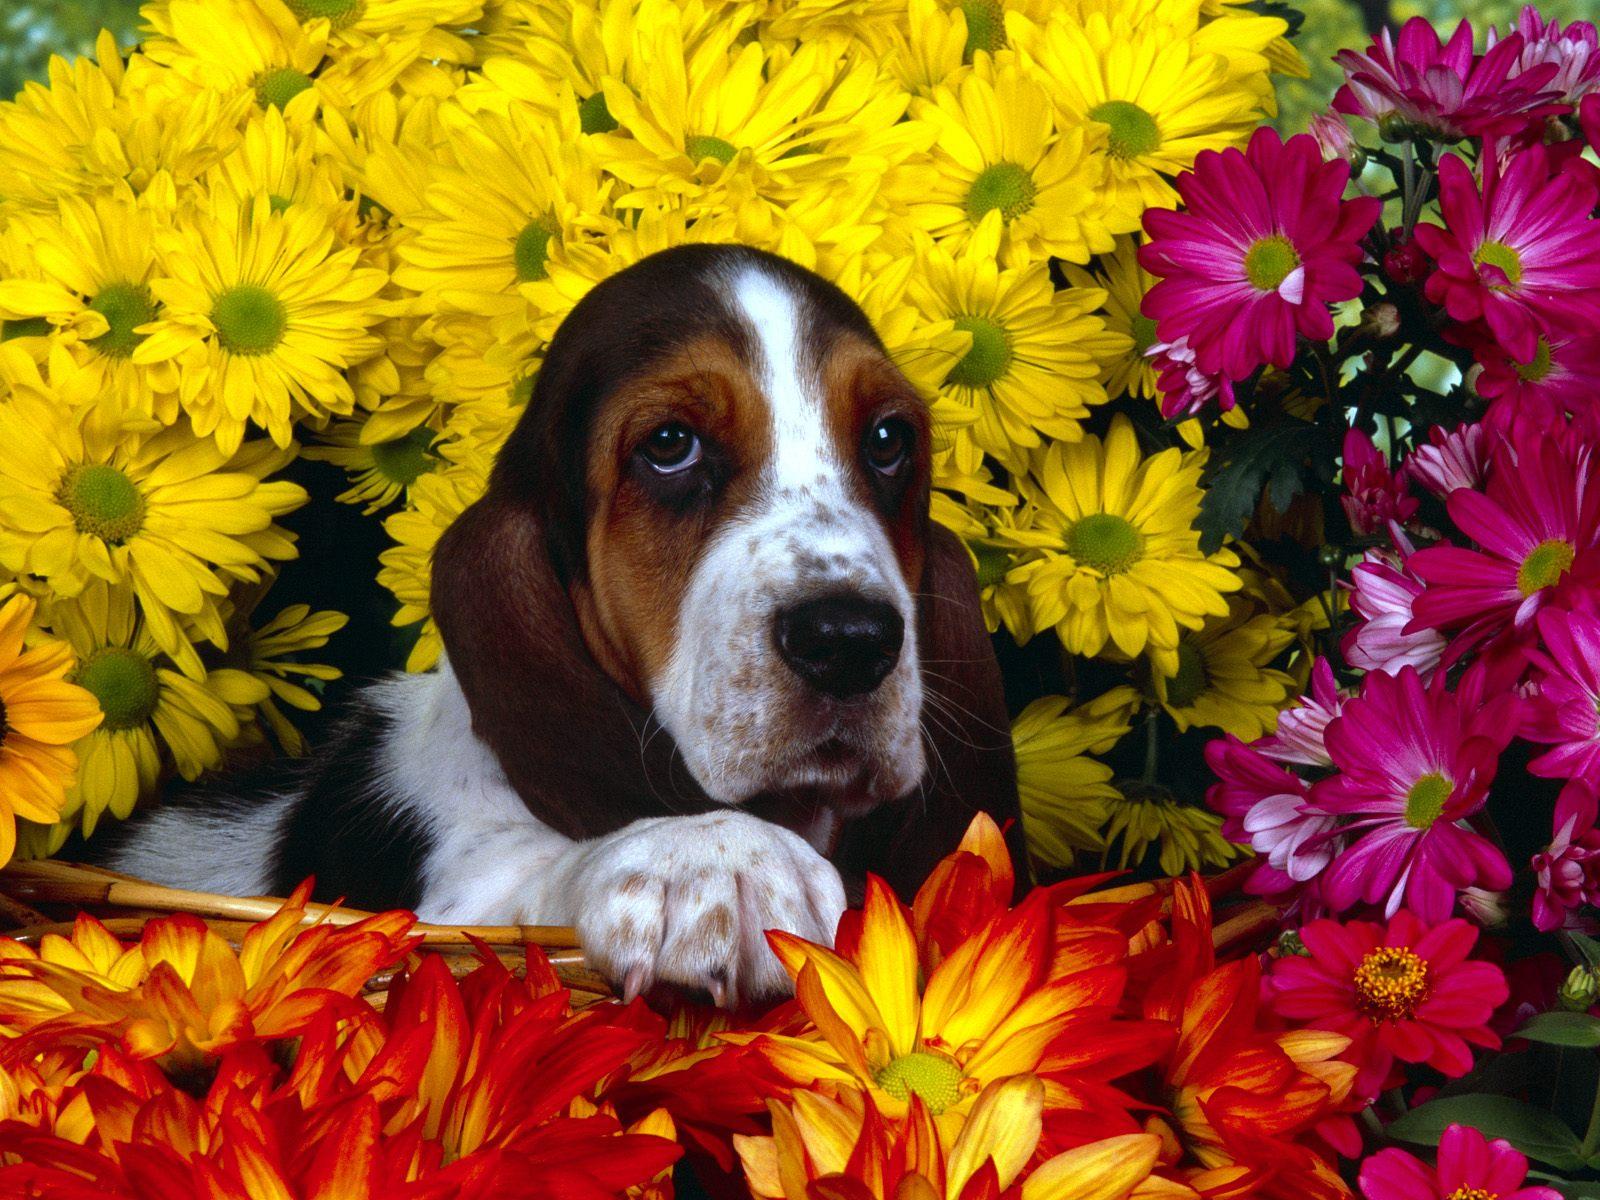 бассет хаунд в окружении весенних цветов, весна, скачать фото, обои для рабочего стола